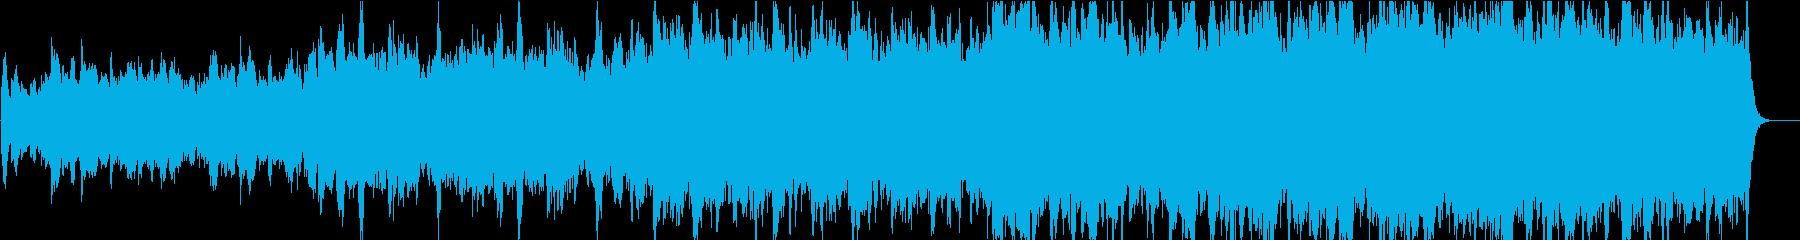 知的な企業VP・解説・感動オケ4高音弦抜の再生済みの波形